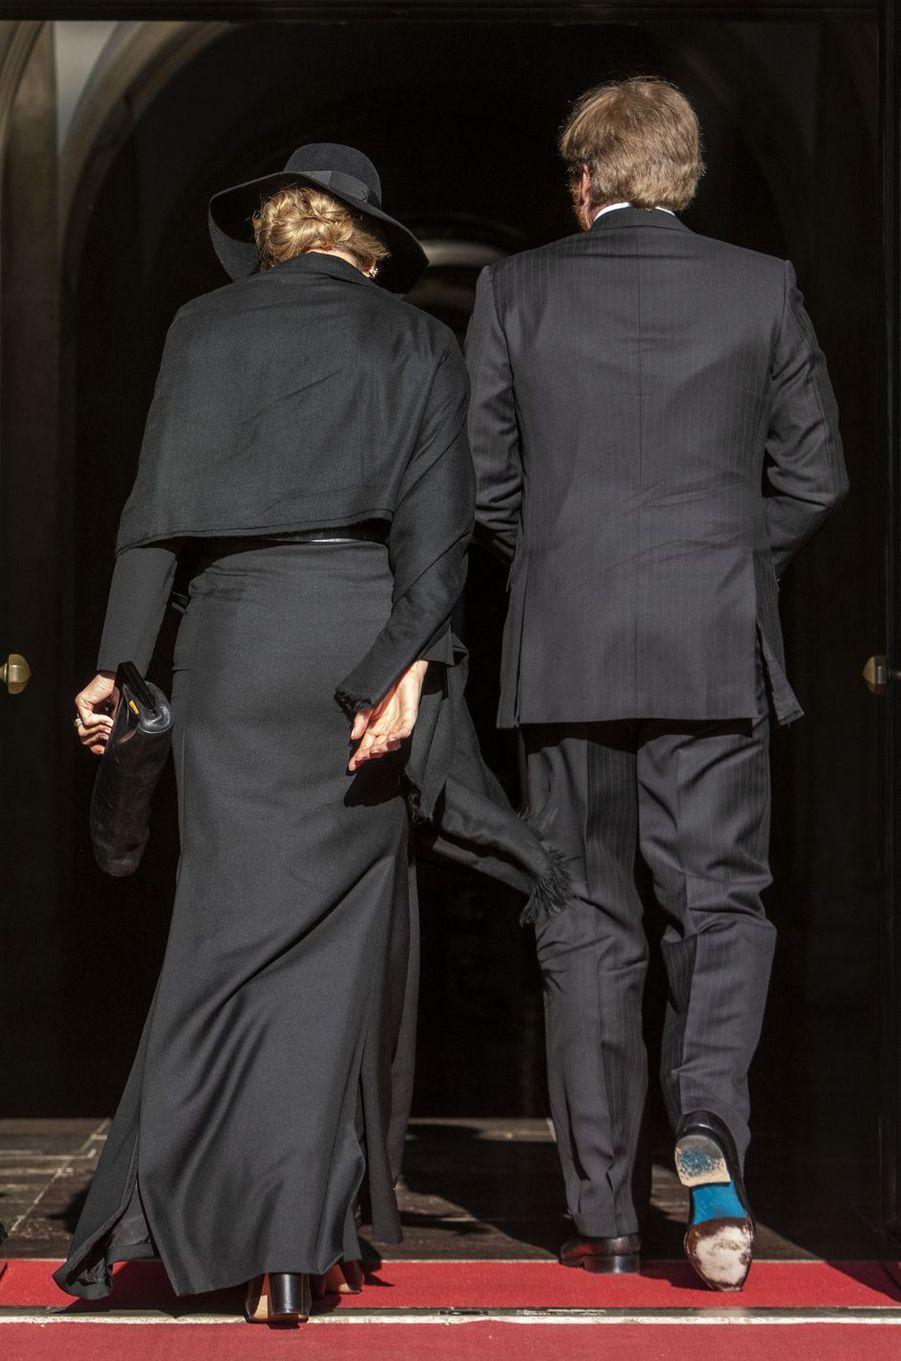 La reine Maxima et le roi Willem-Alexander des Pays-Bas entrent au Palais royal à Amsterdam, le 4 mai 2020